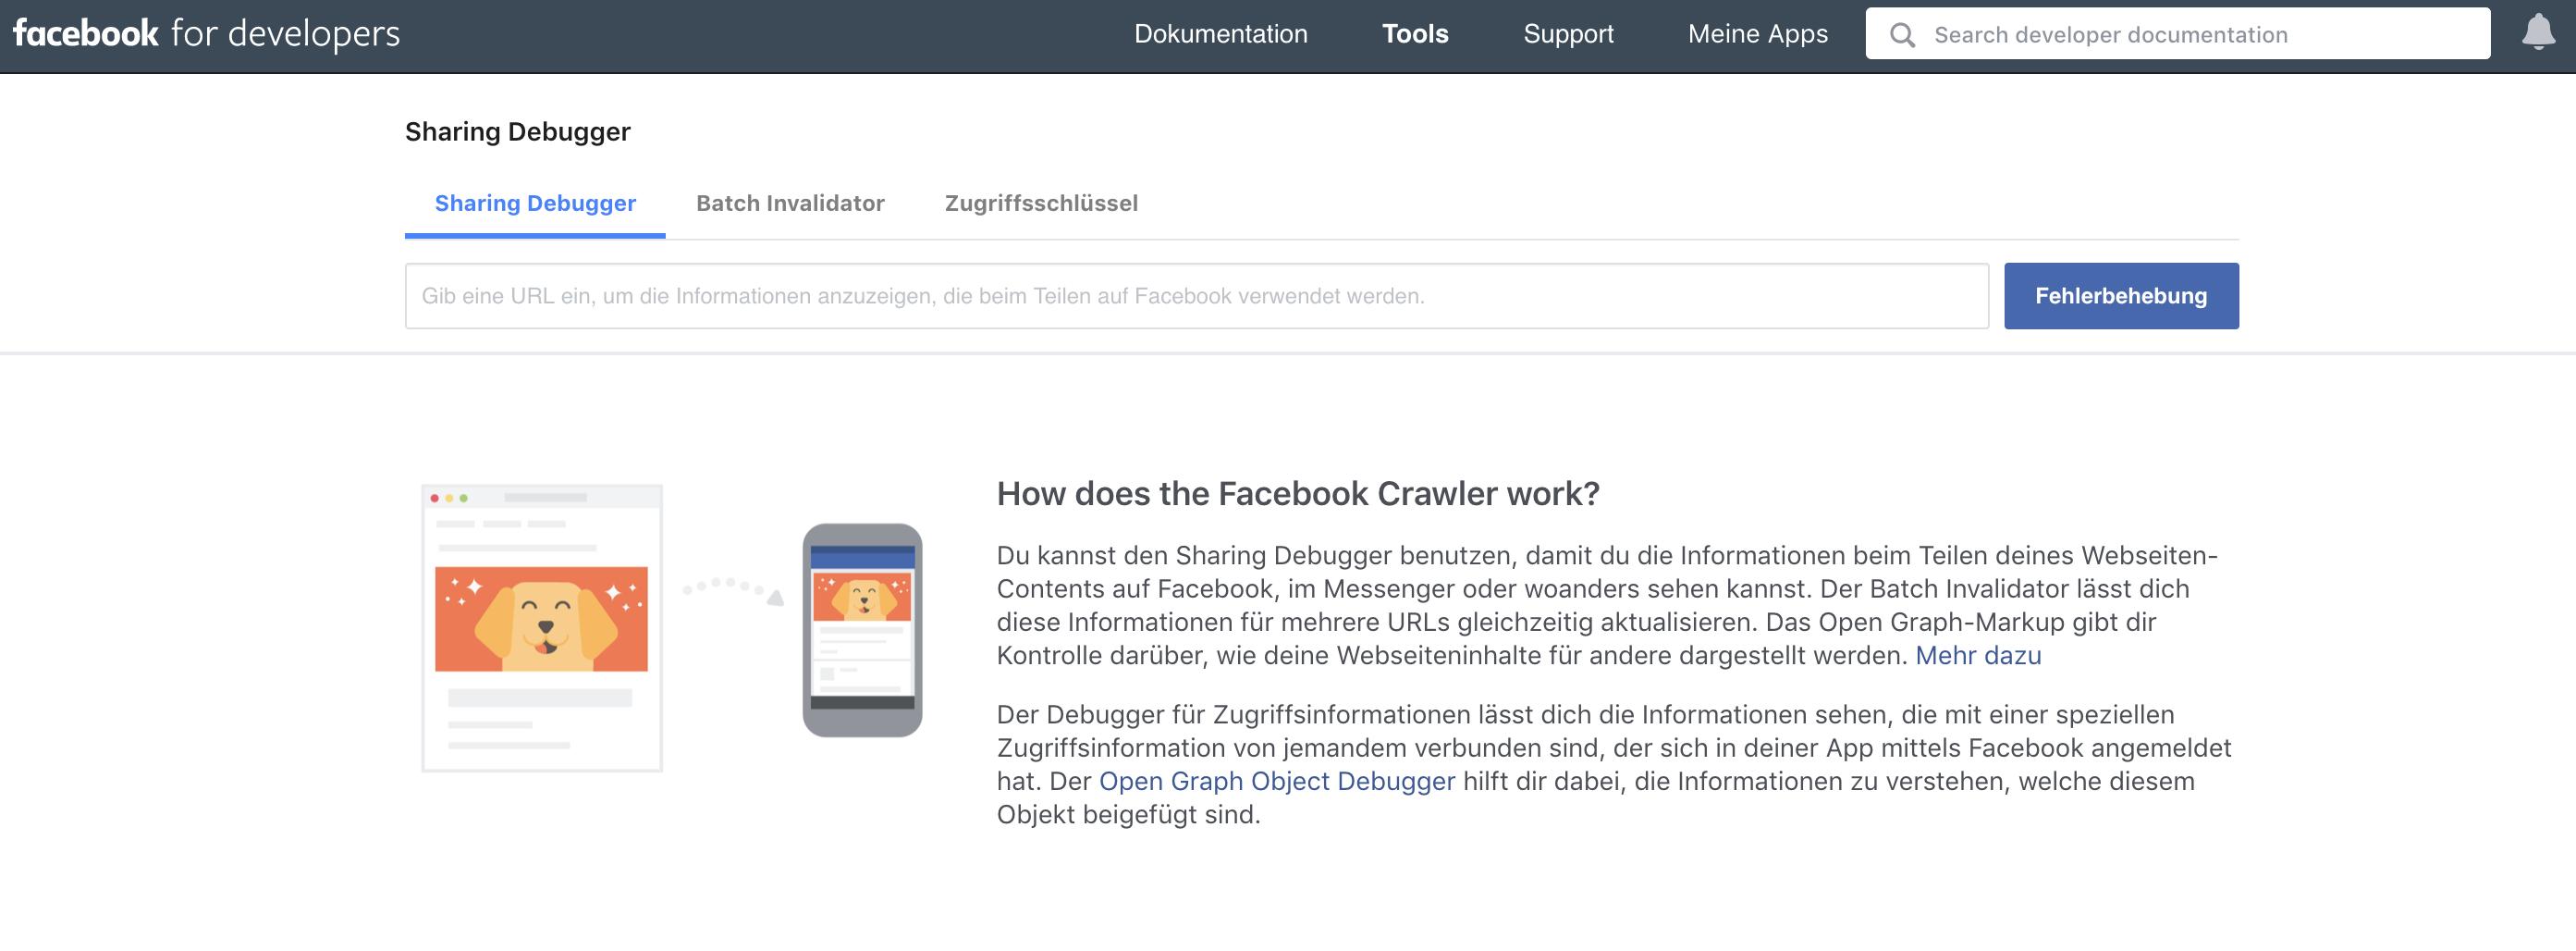 HubSpot-facebook-sharing-debugger